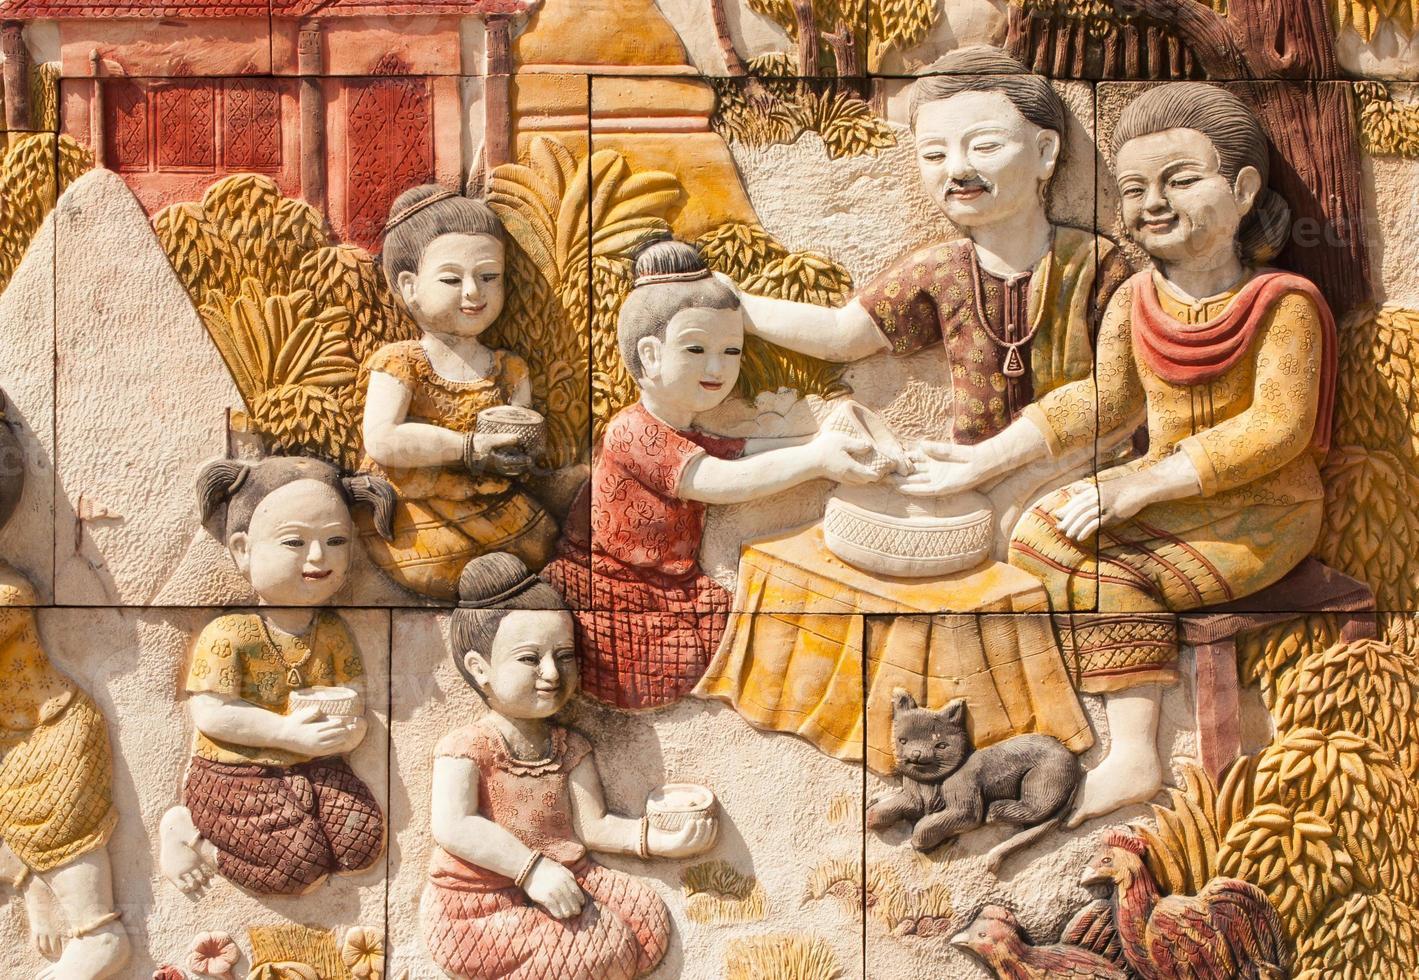 sculpture sur pierre de la culture thaïlandaise du festival de songkran photo